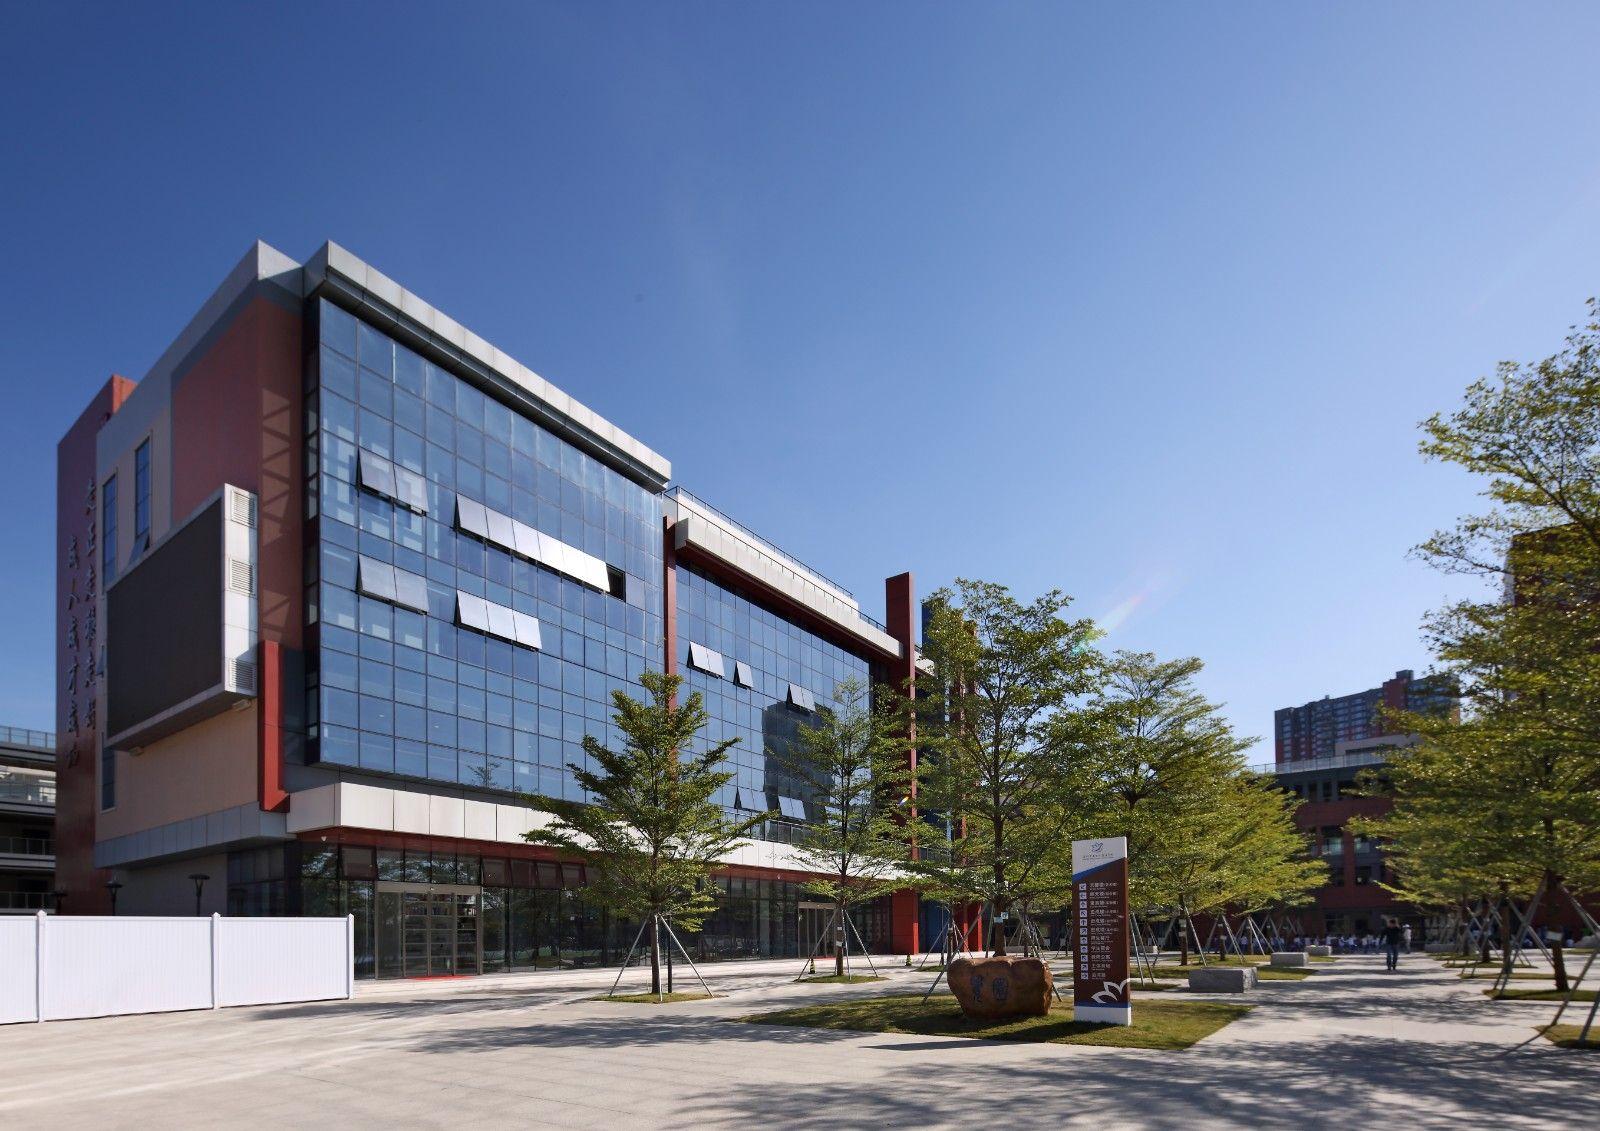 透过建筑节奏品味校园文化,深圳建文外国语学校设计 | 梁海滨